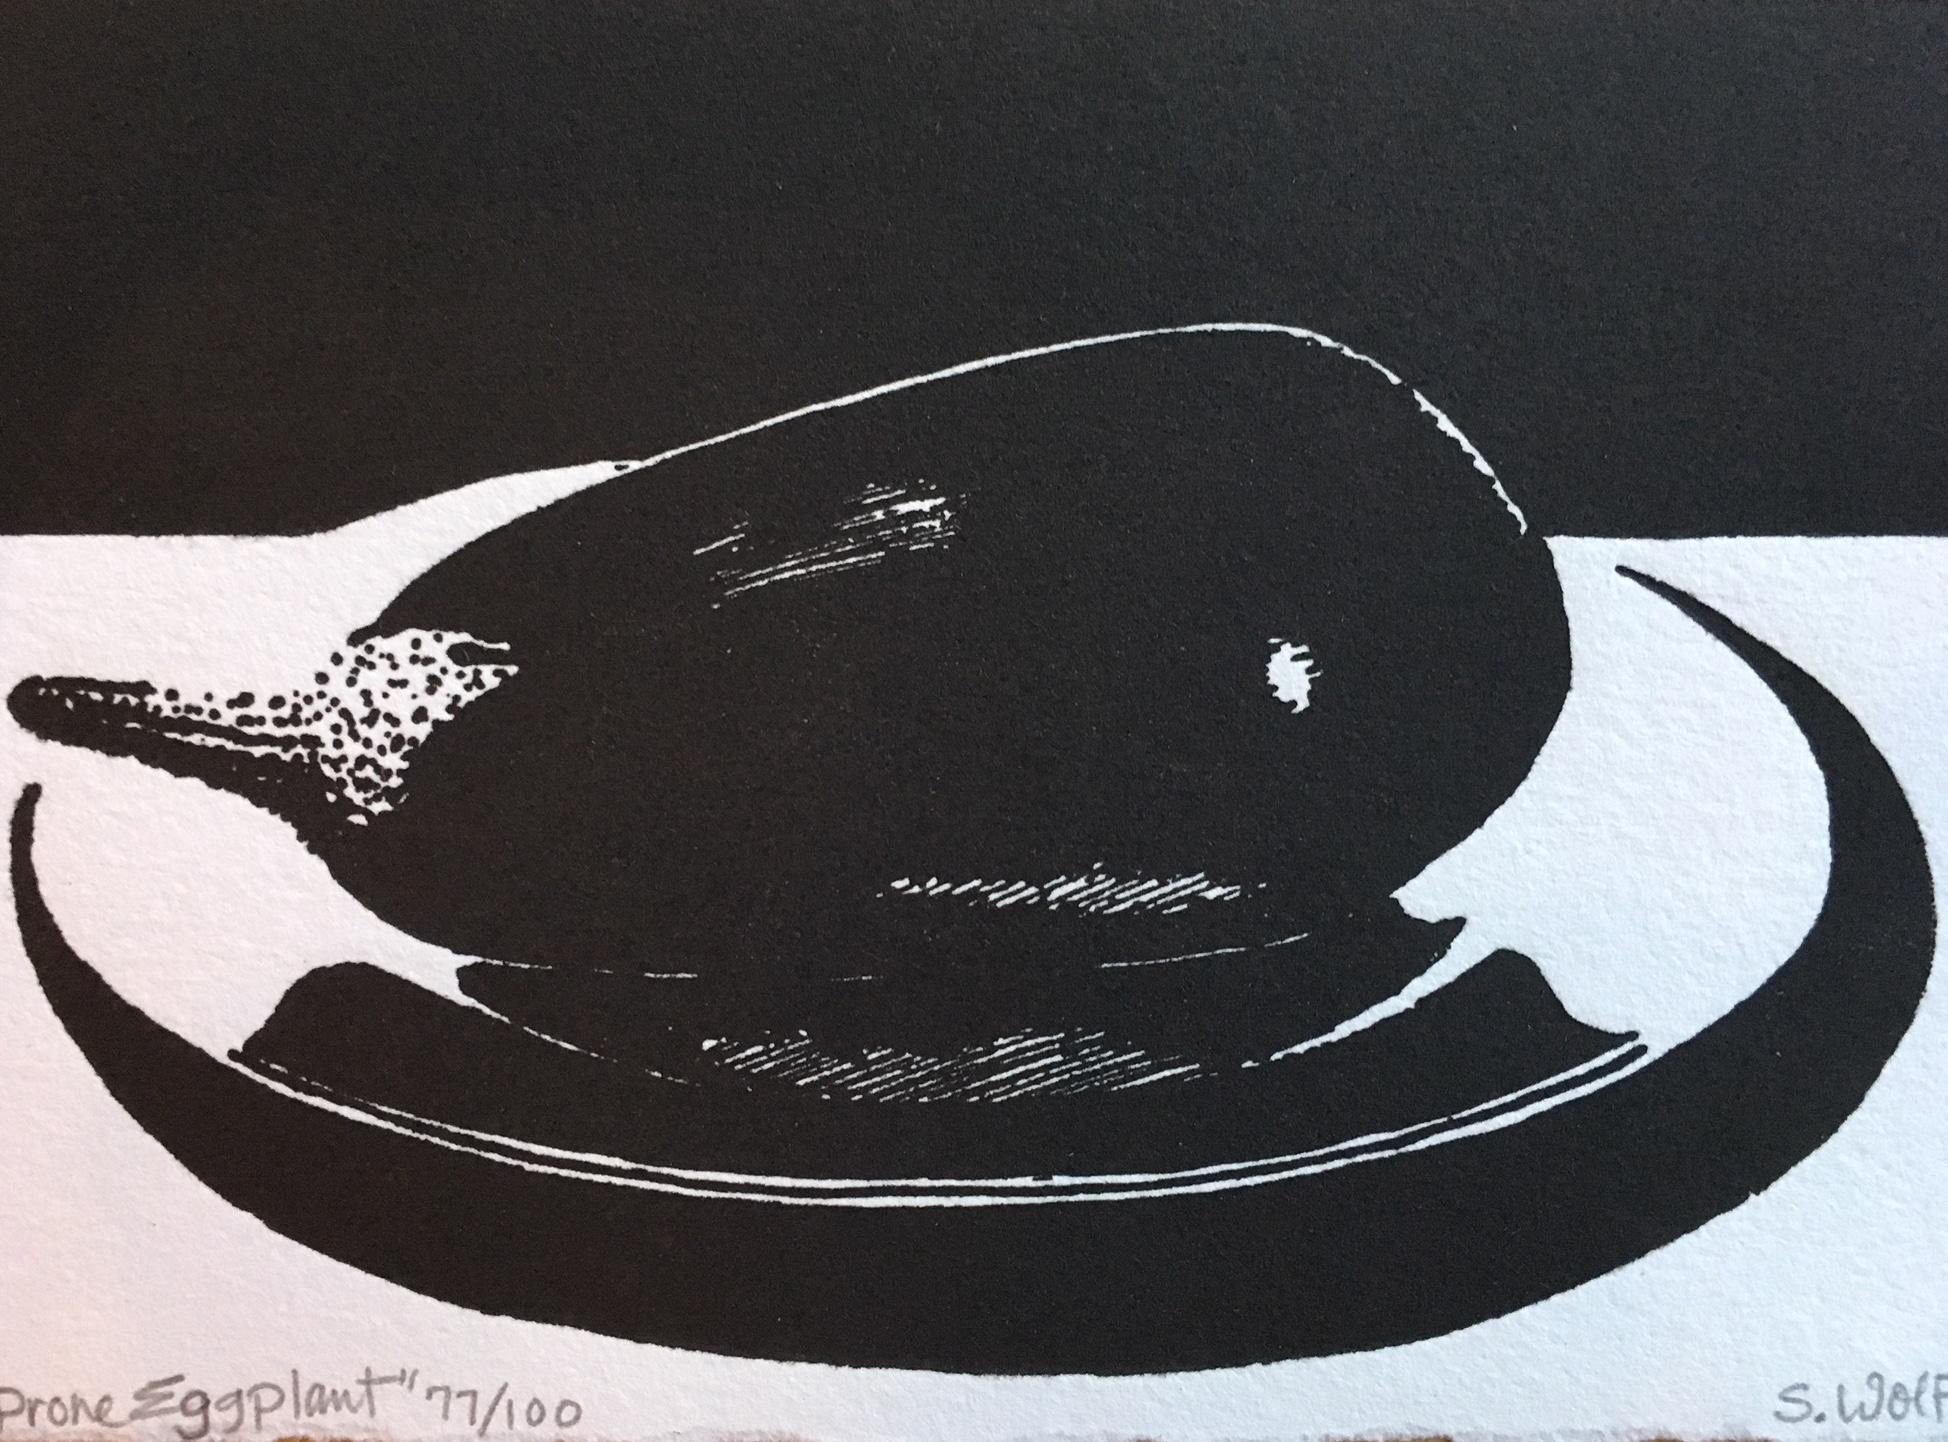 <b>Sherrie Wolf</b>,<i>Prone Eggplant</i>, relief print